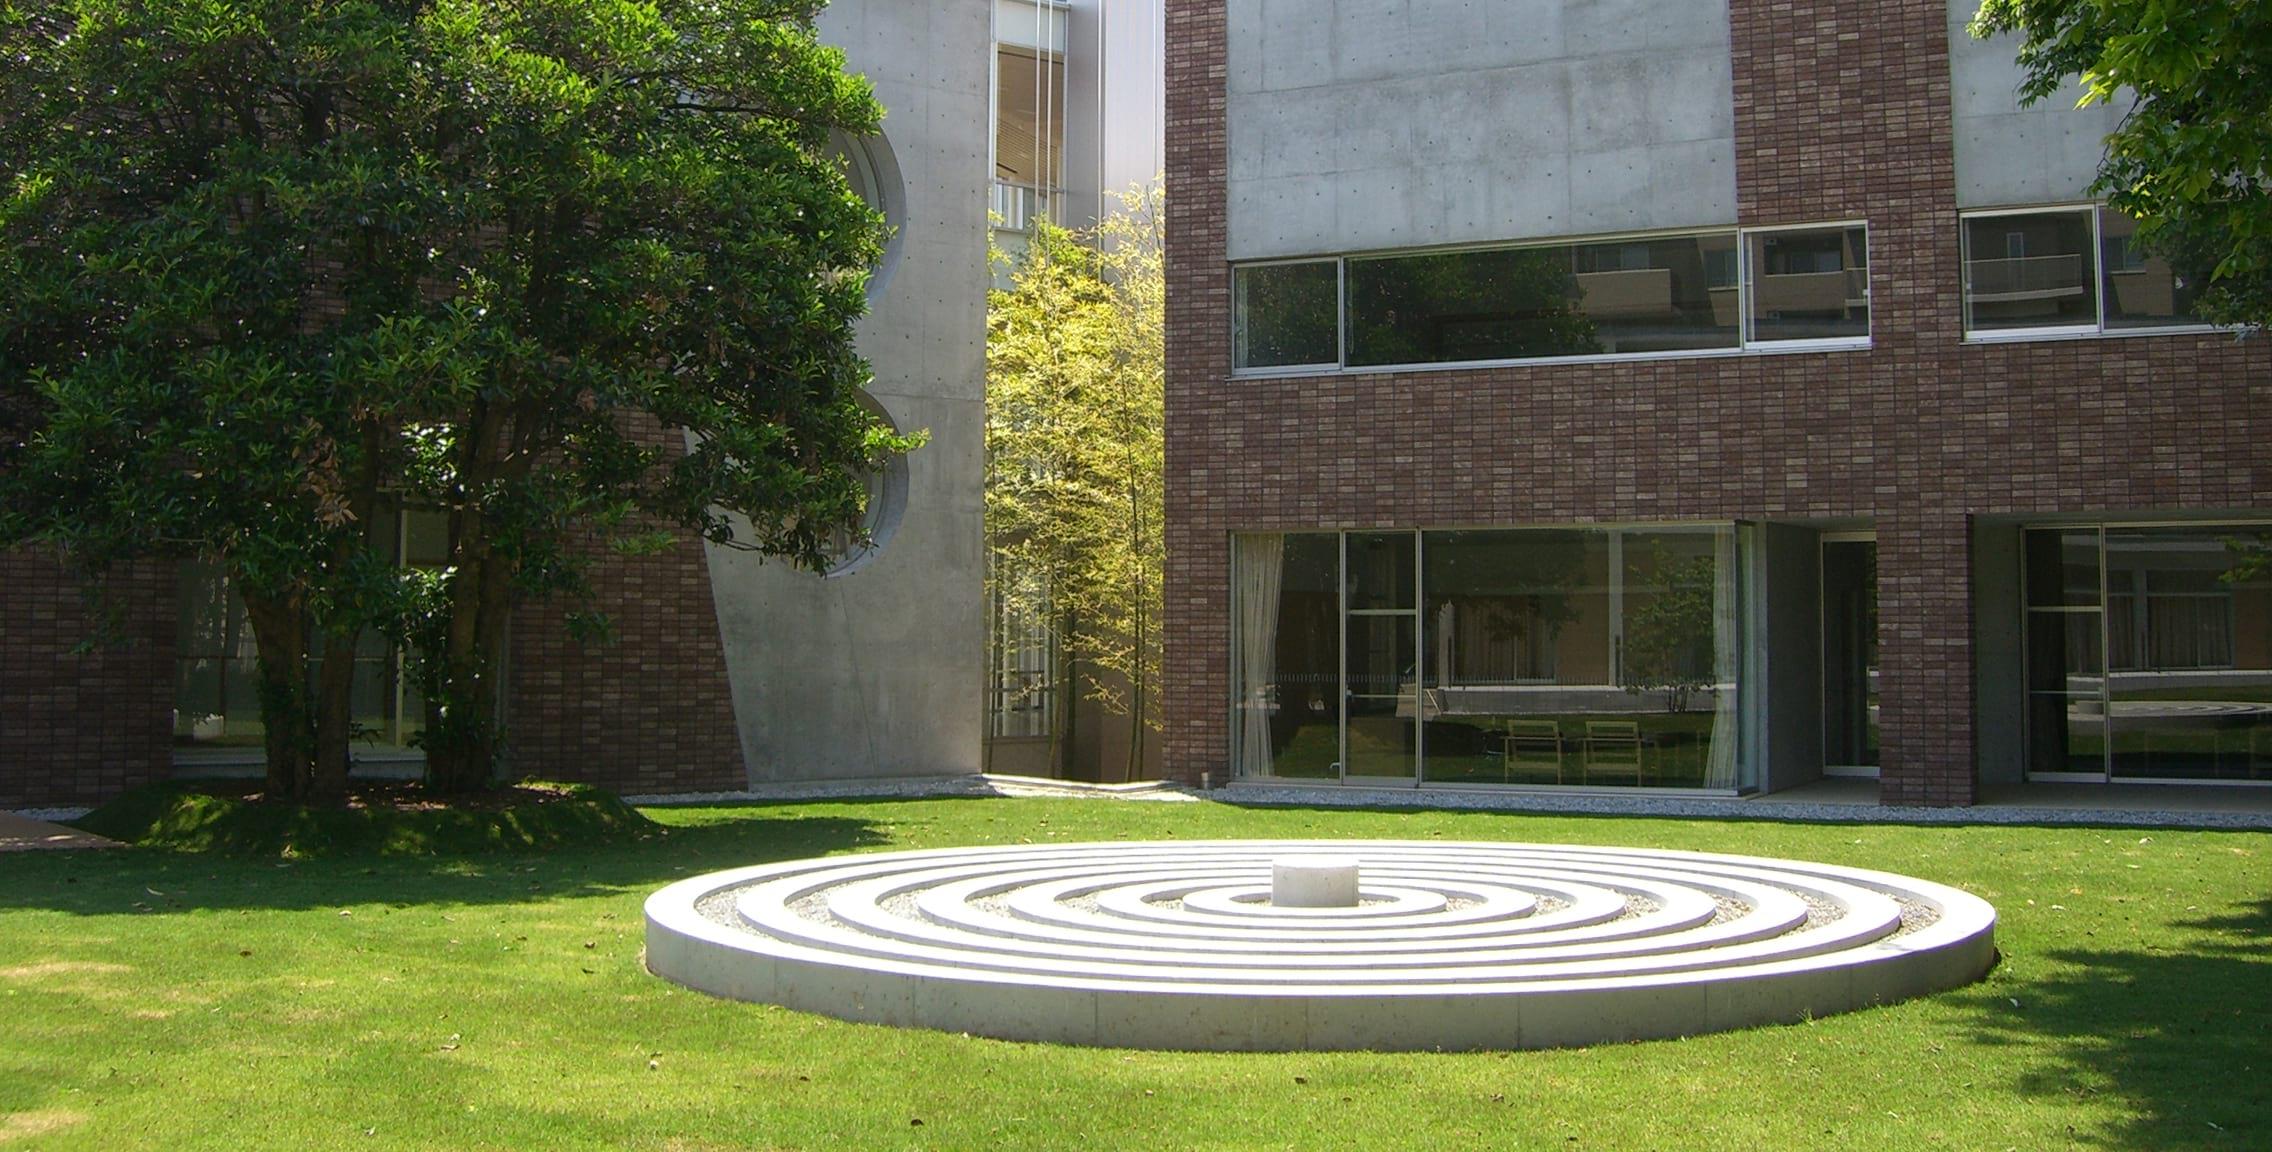 綠樹環繞的校園